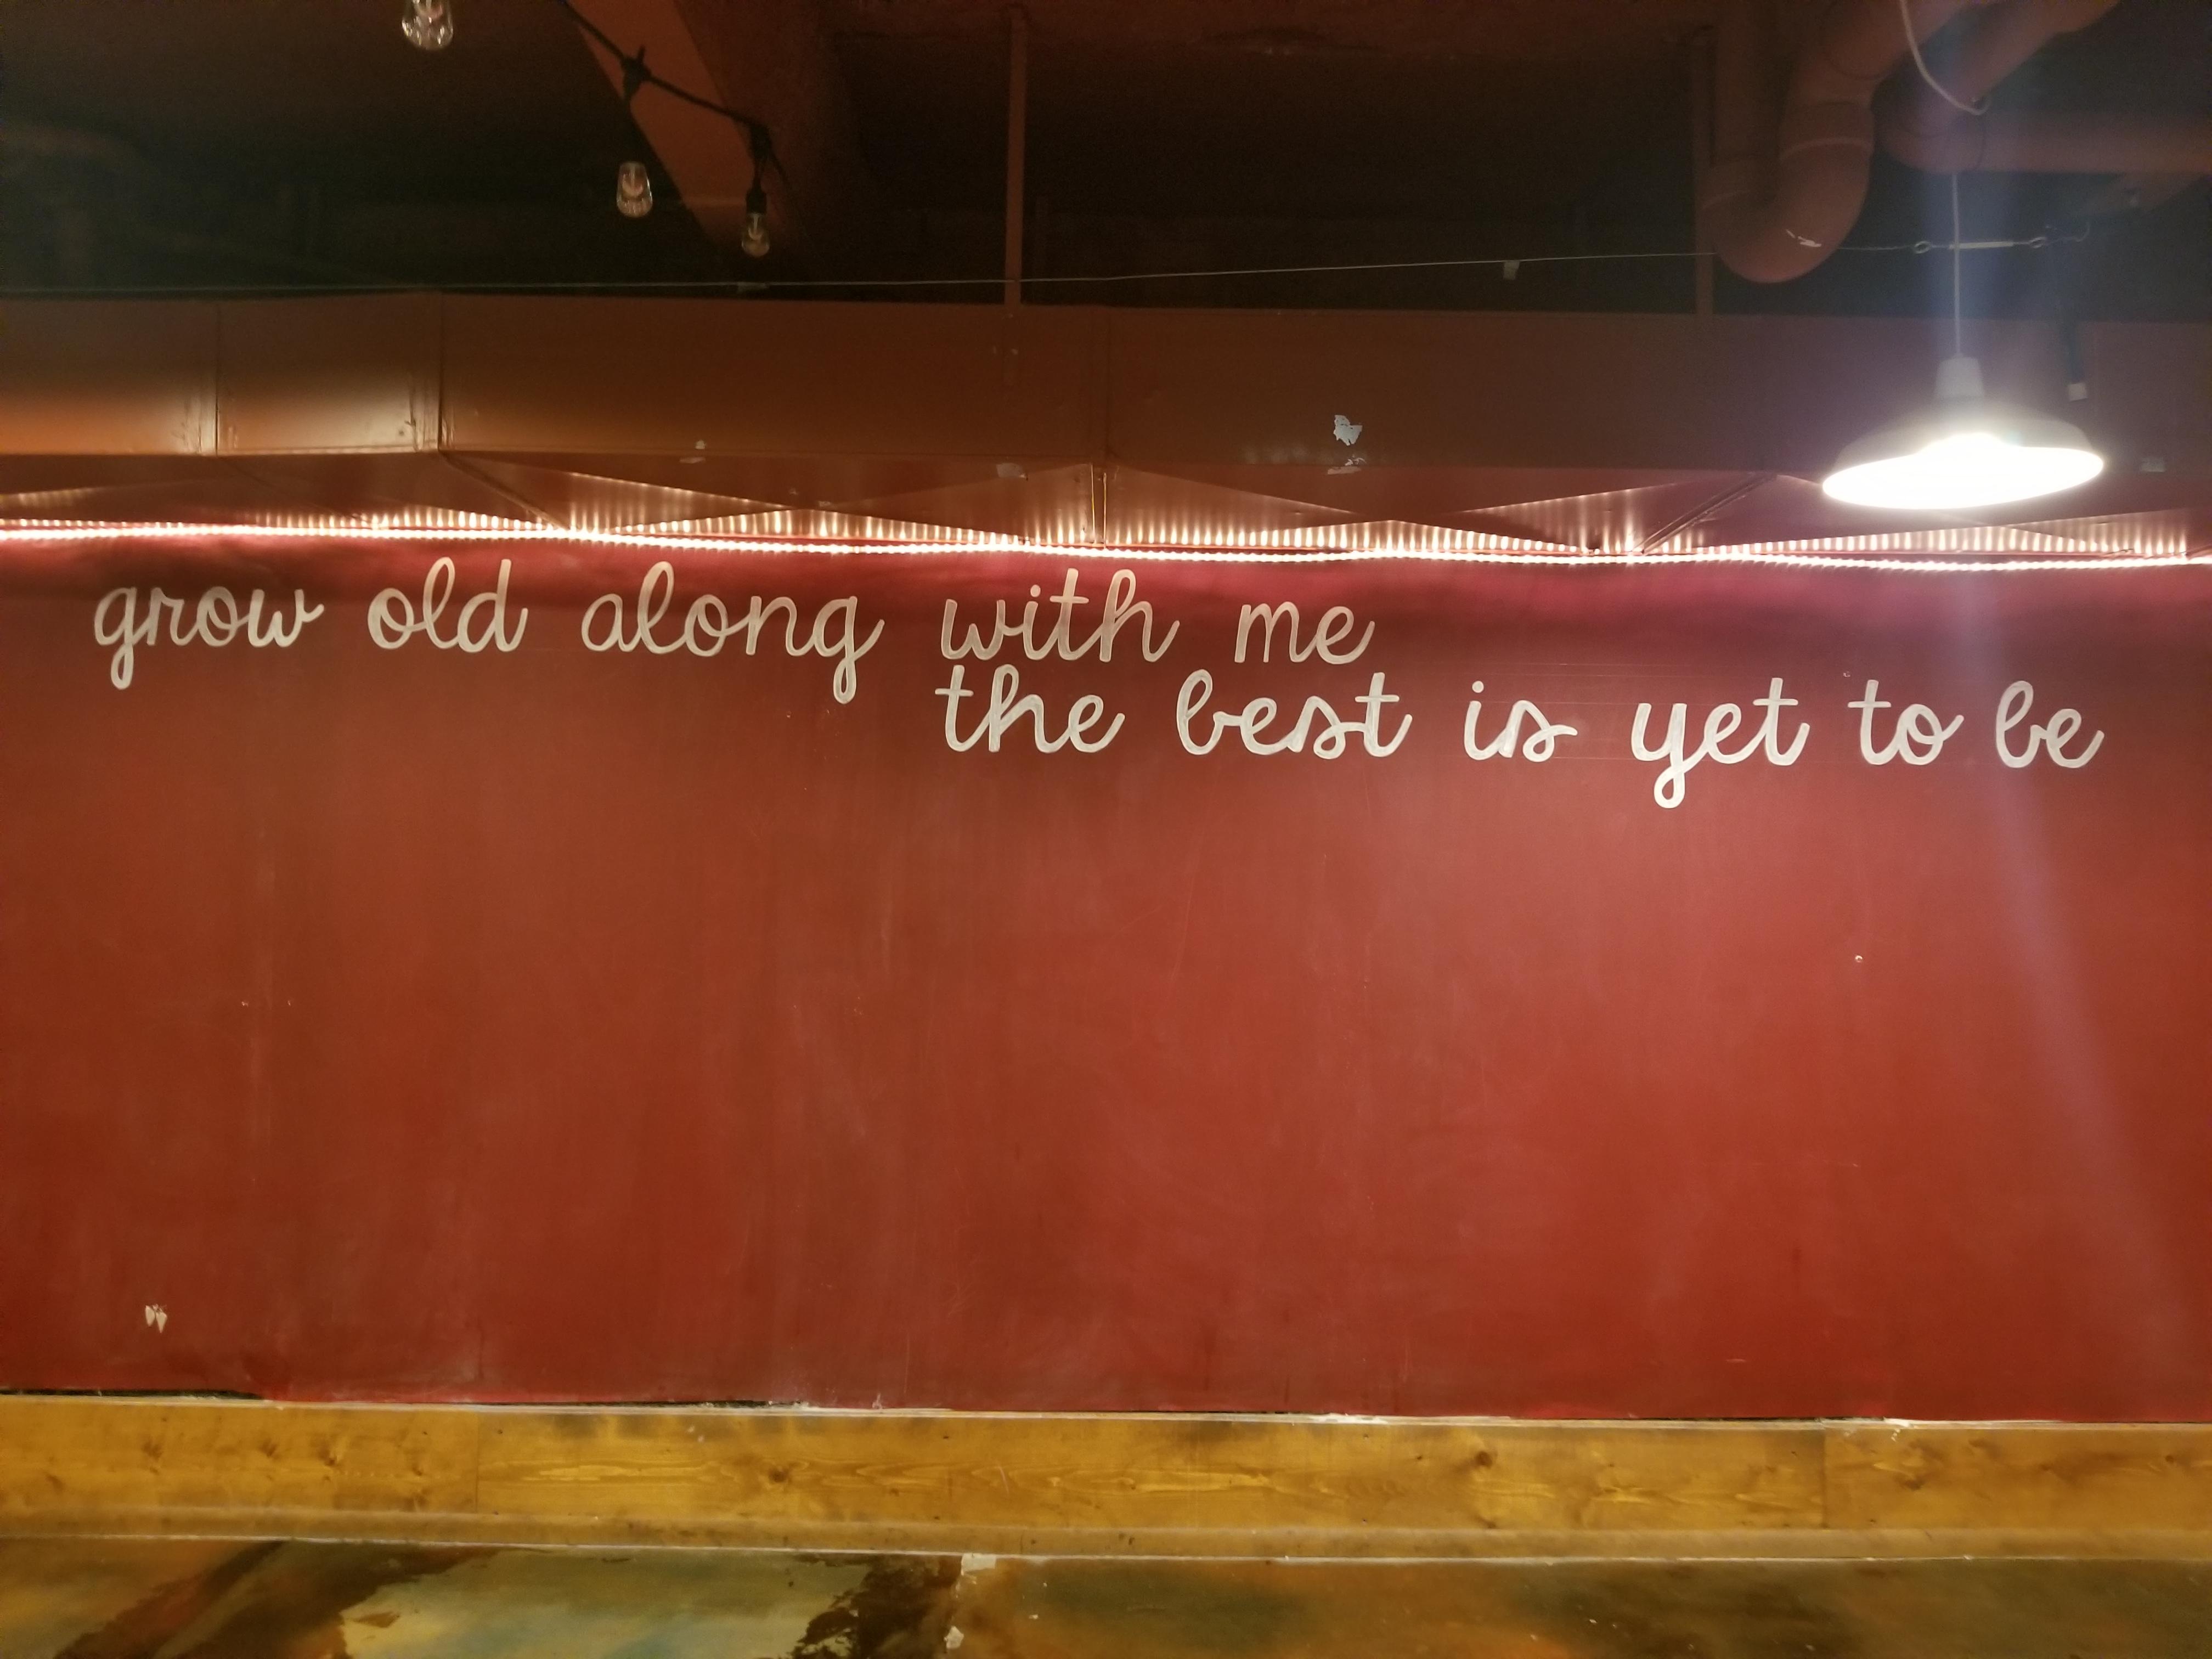 Talon Room Chalkboard Wall